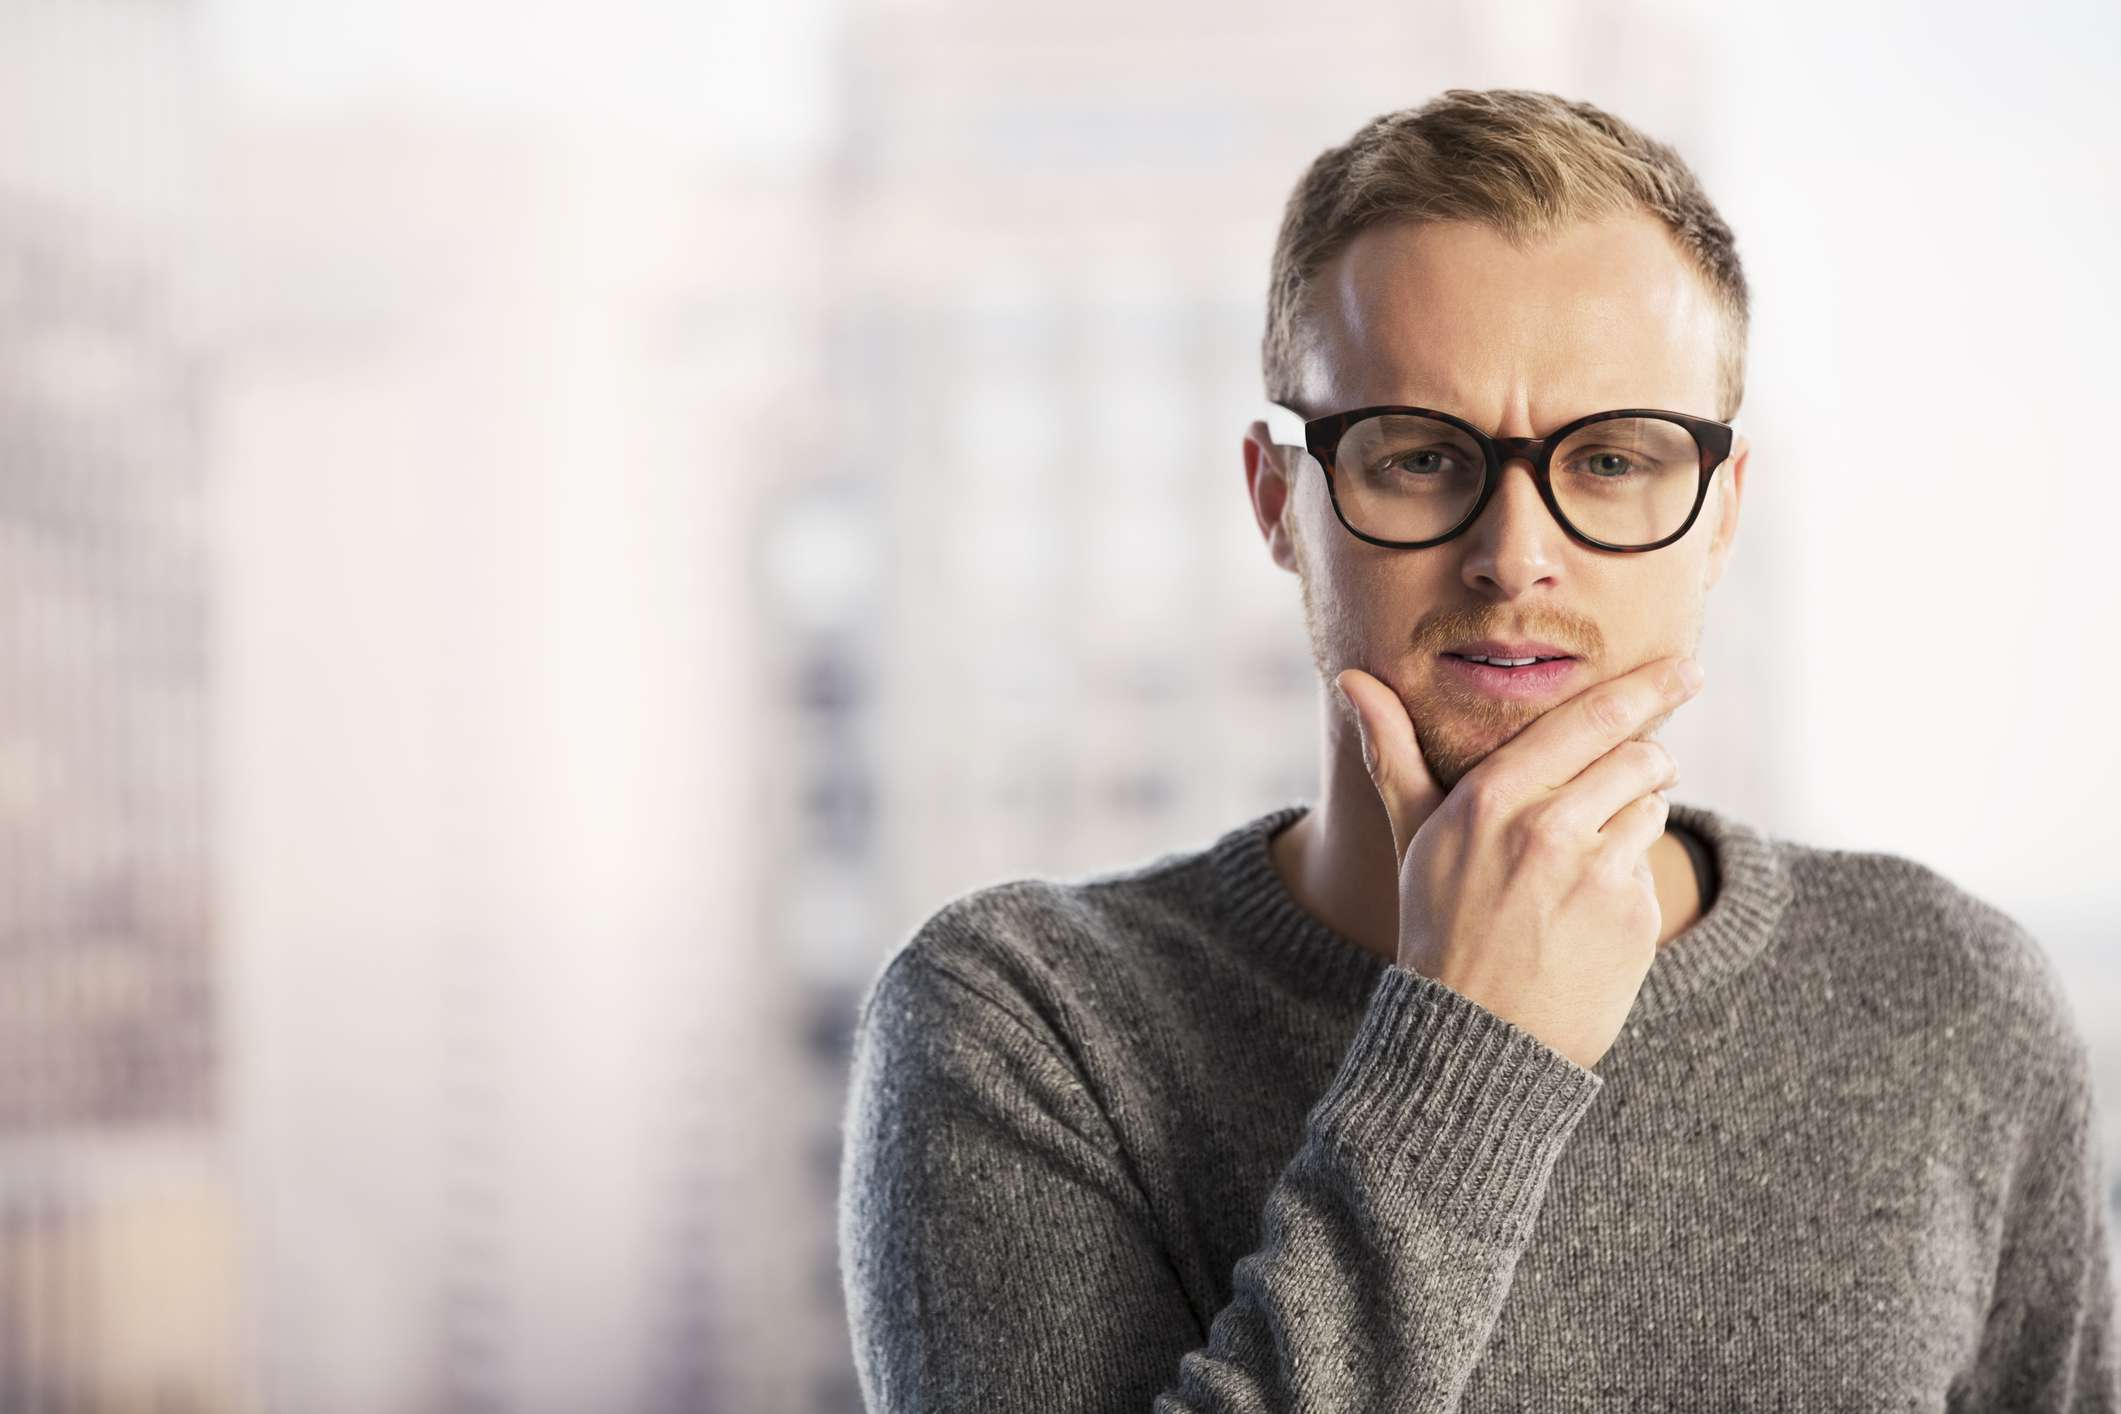 Man in glasses rubbing chin